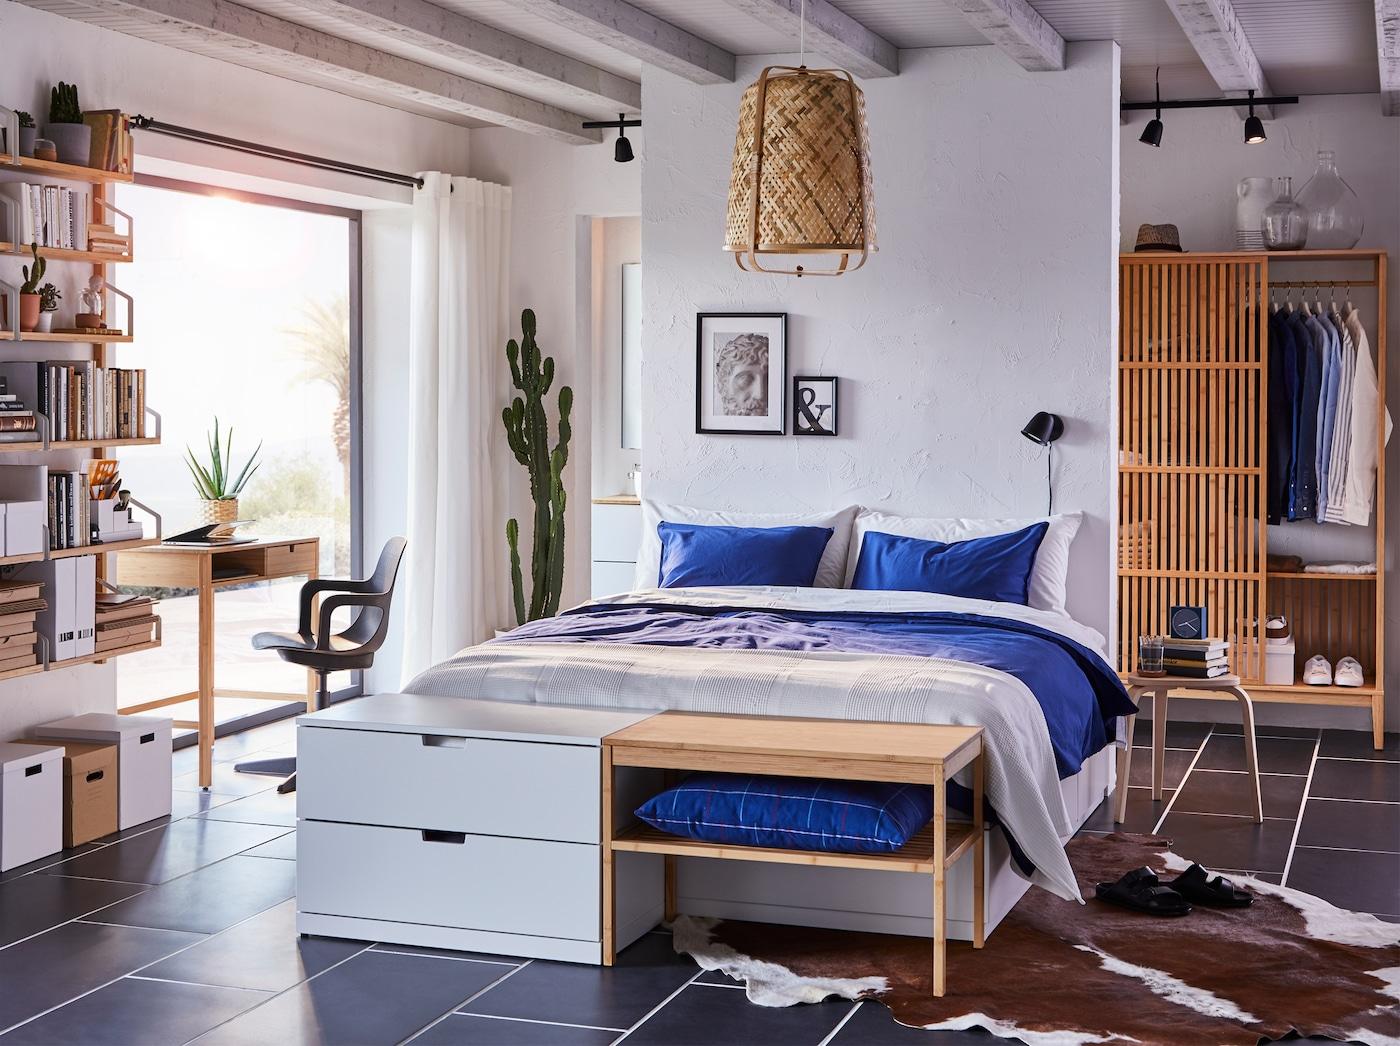 Hálószoba, fehér ágykerettel, kék textíliákkal és függőlámpával, íróasztallal, gardróbbal és bambusz polcokkal.